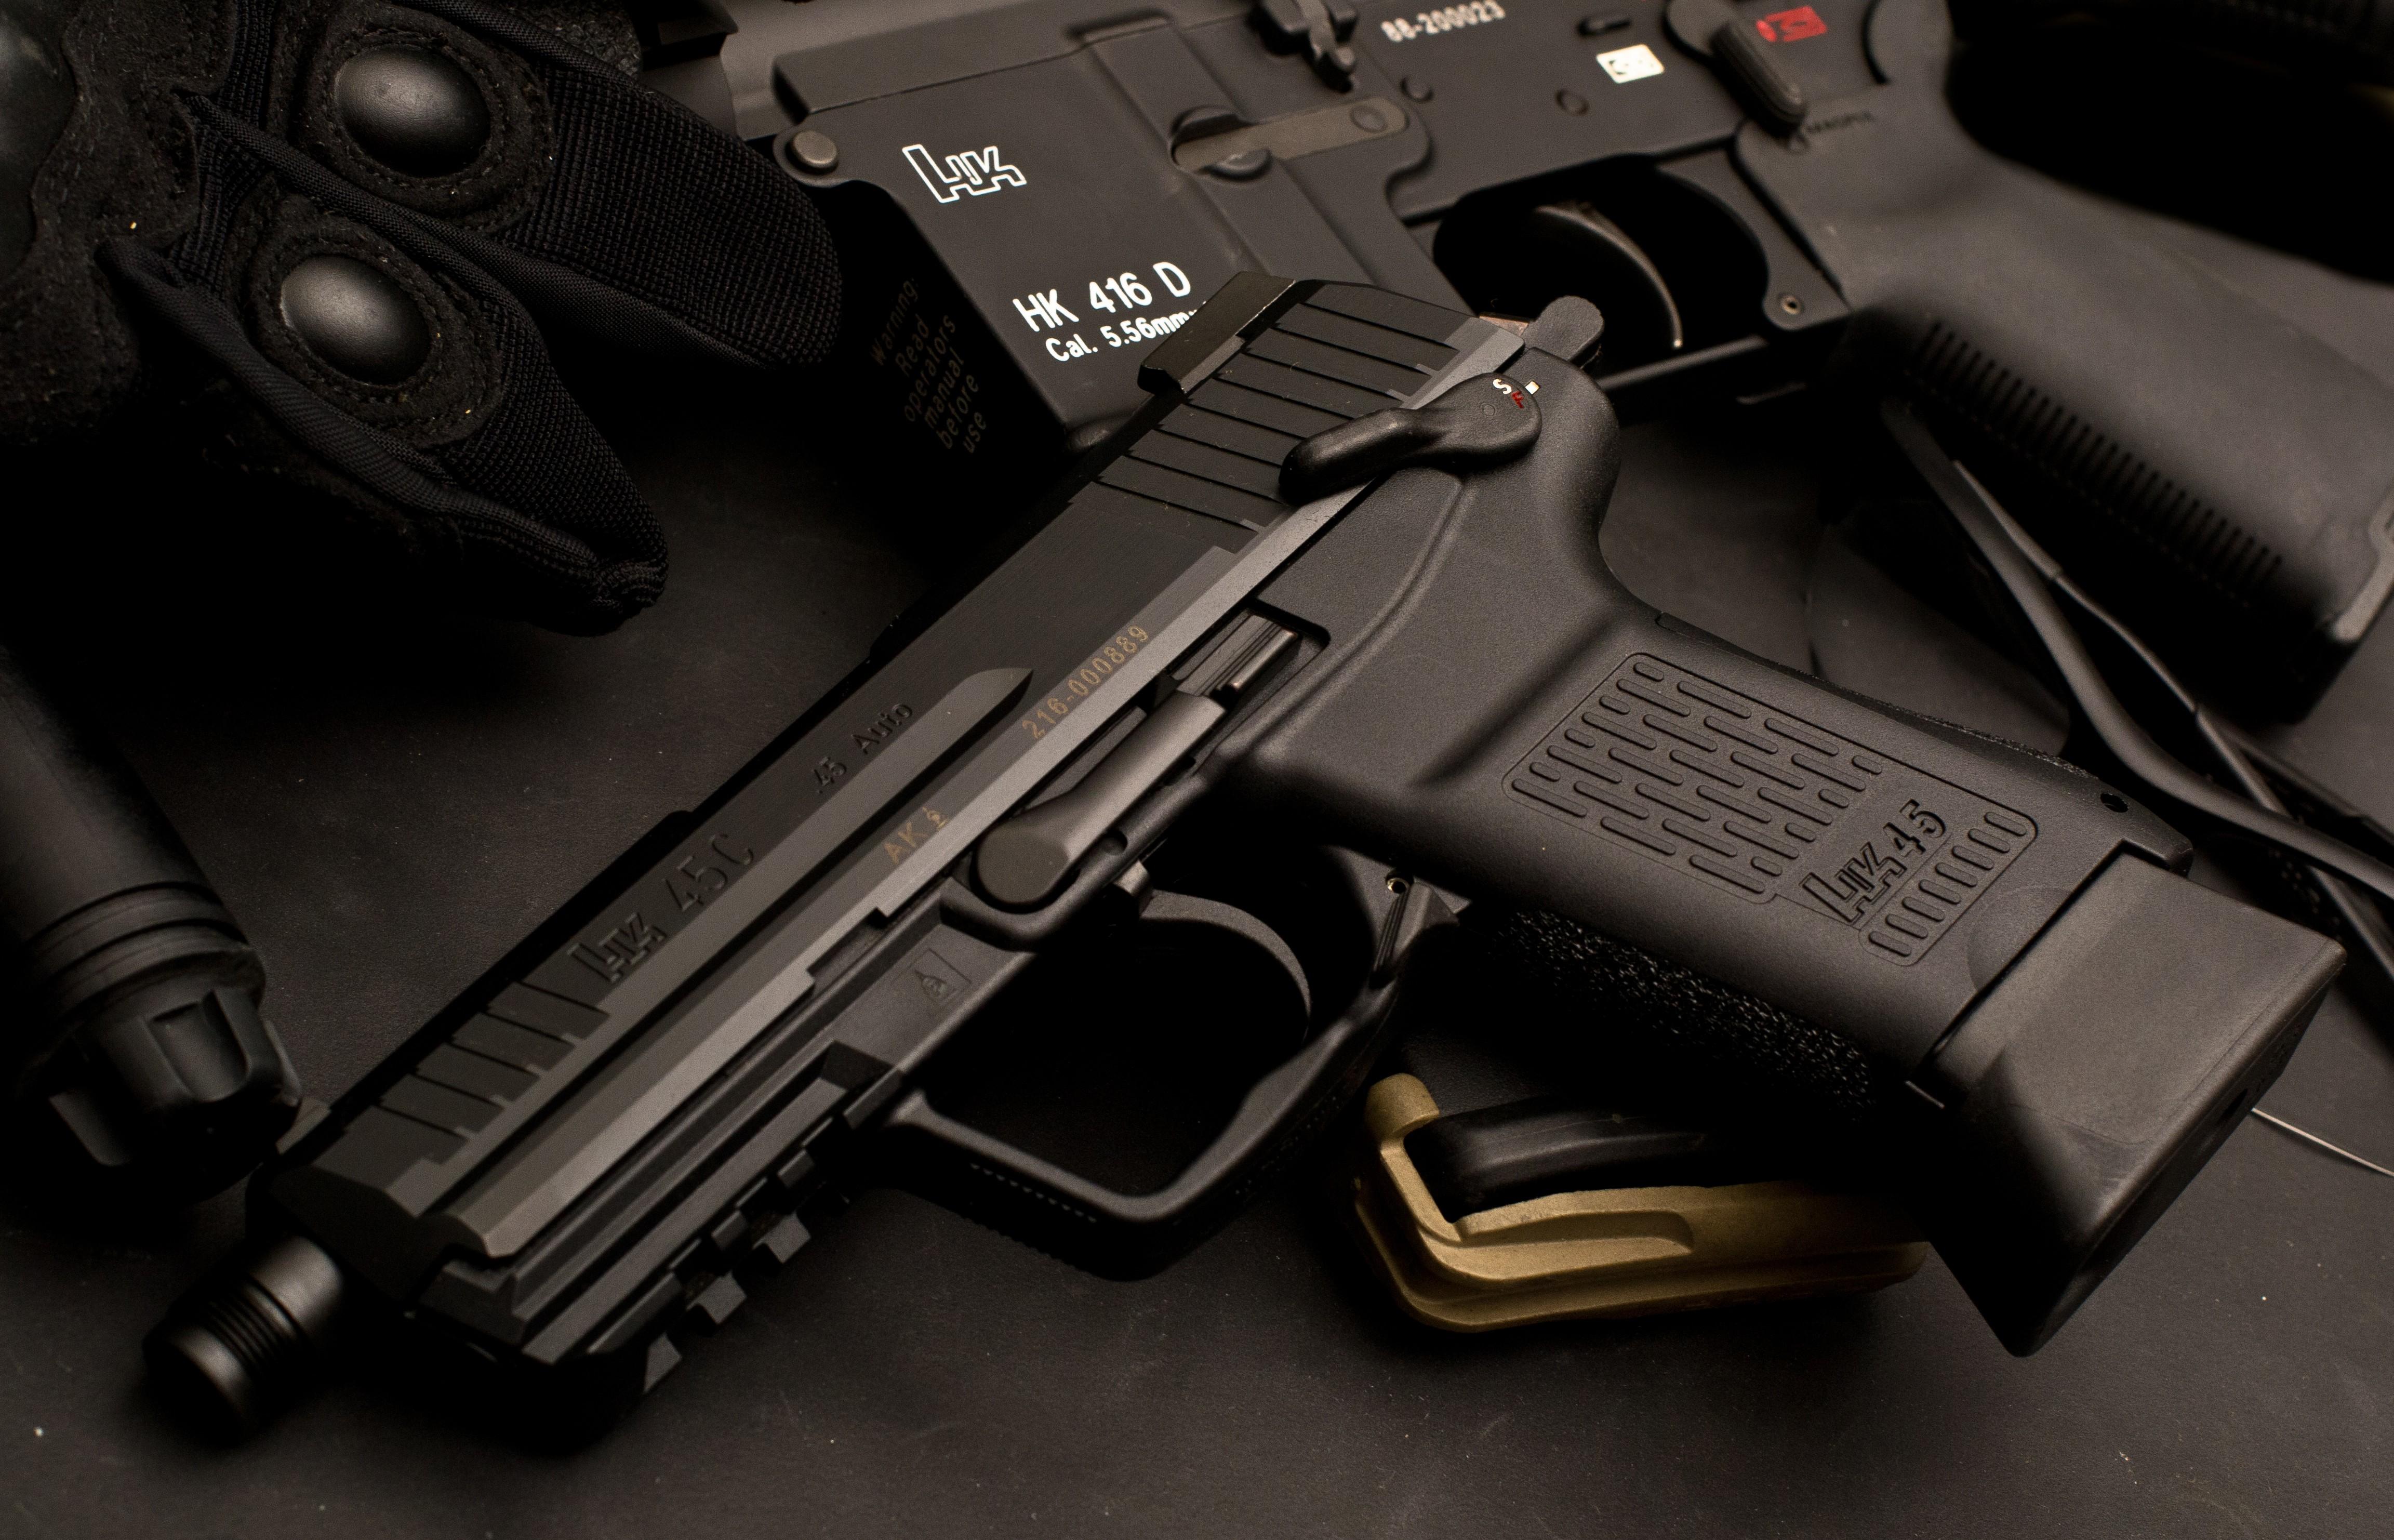 оружие Heckler Koch HK416 винтовка скачать